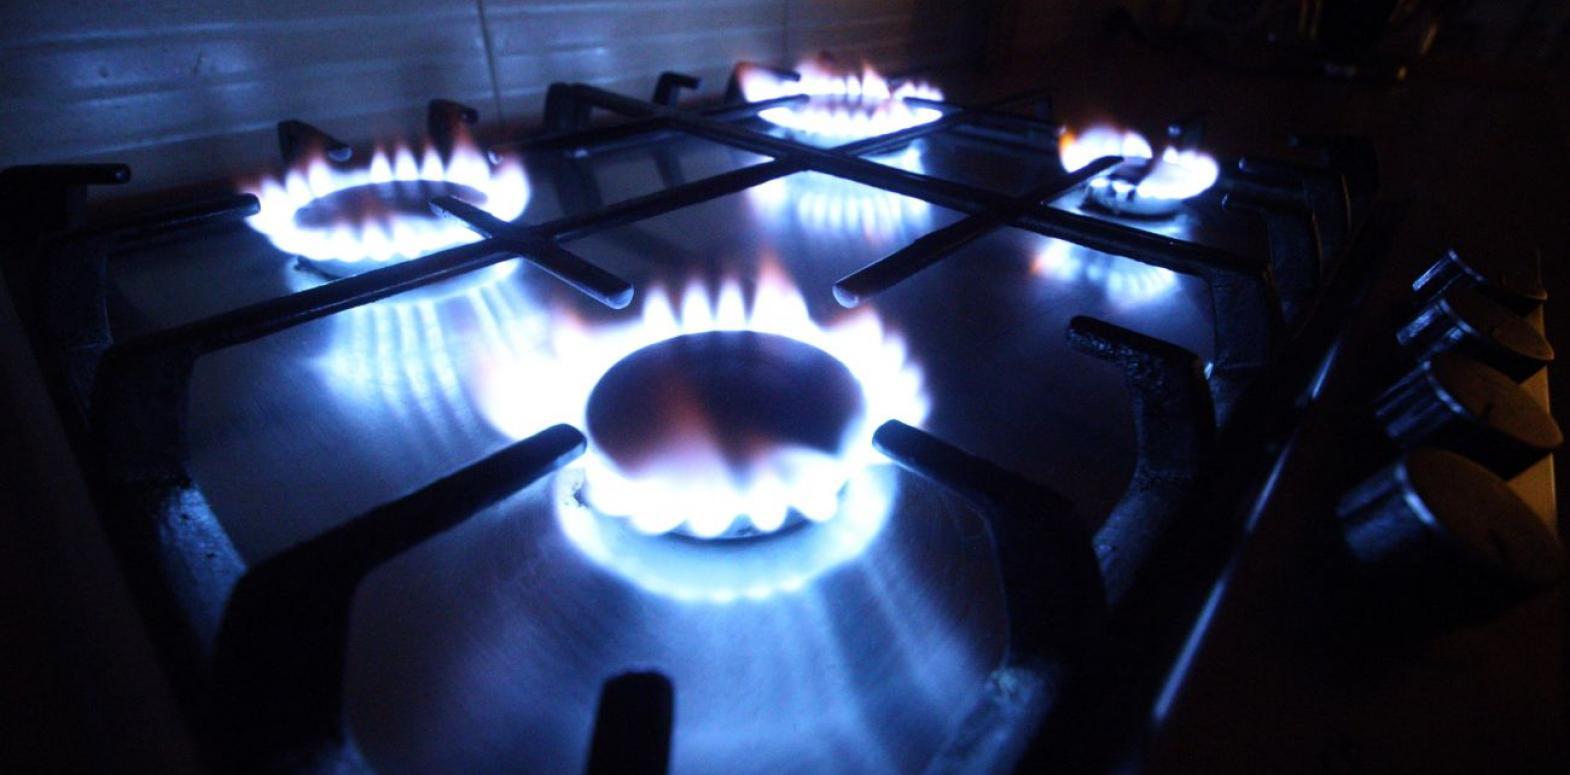 Поставщики газа установили цены на февраль. Сколько будем платить